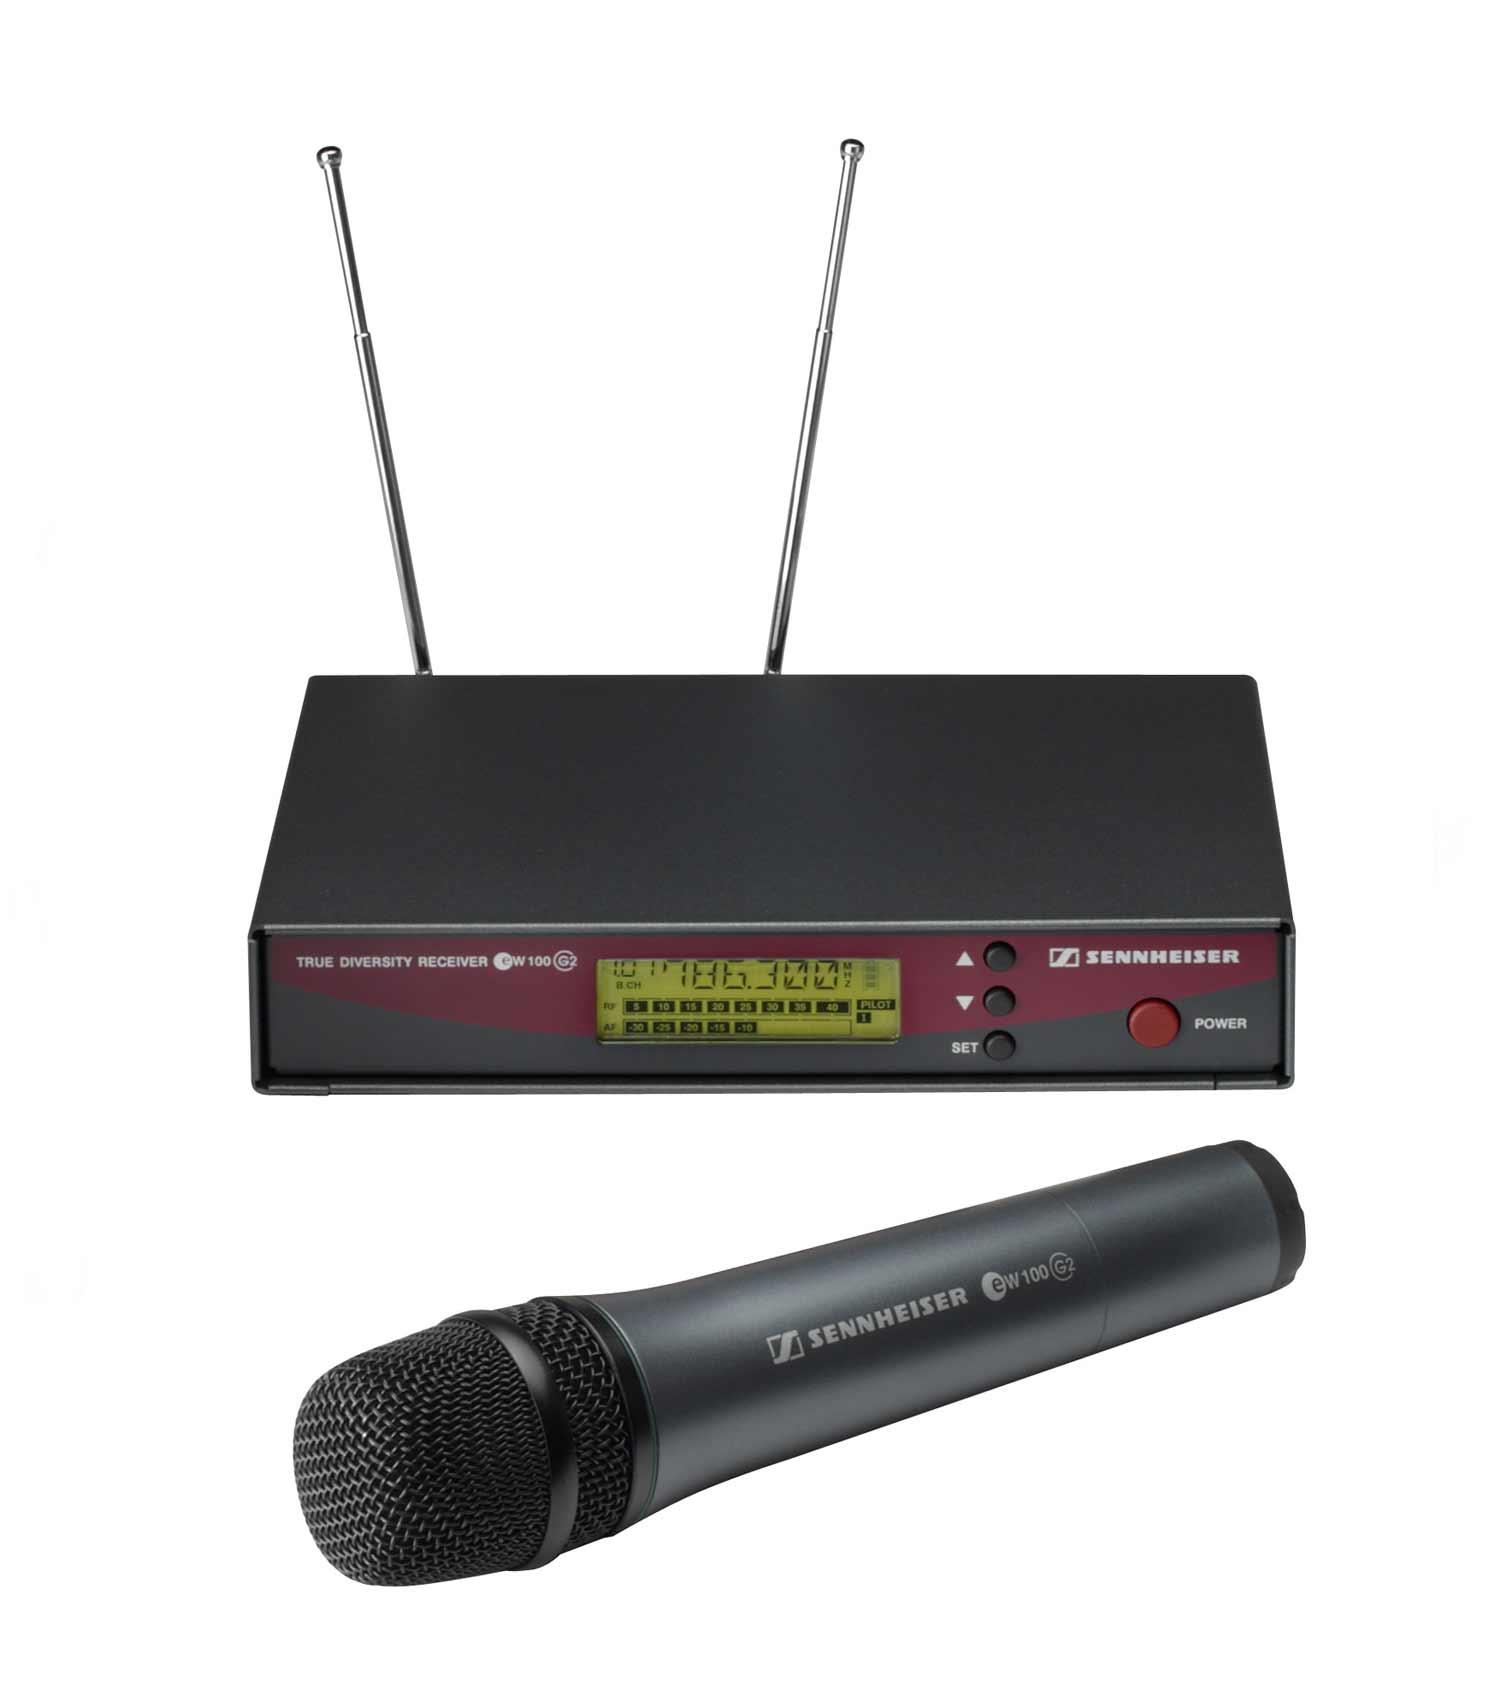 Kit Microfono EW100G2 786-822MHz Range D + Ricevitore Base EM100G2 786-822MHz Range D